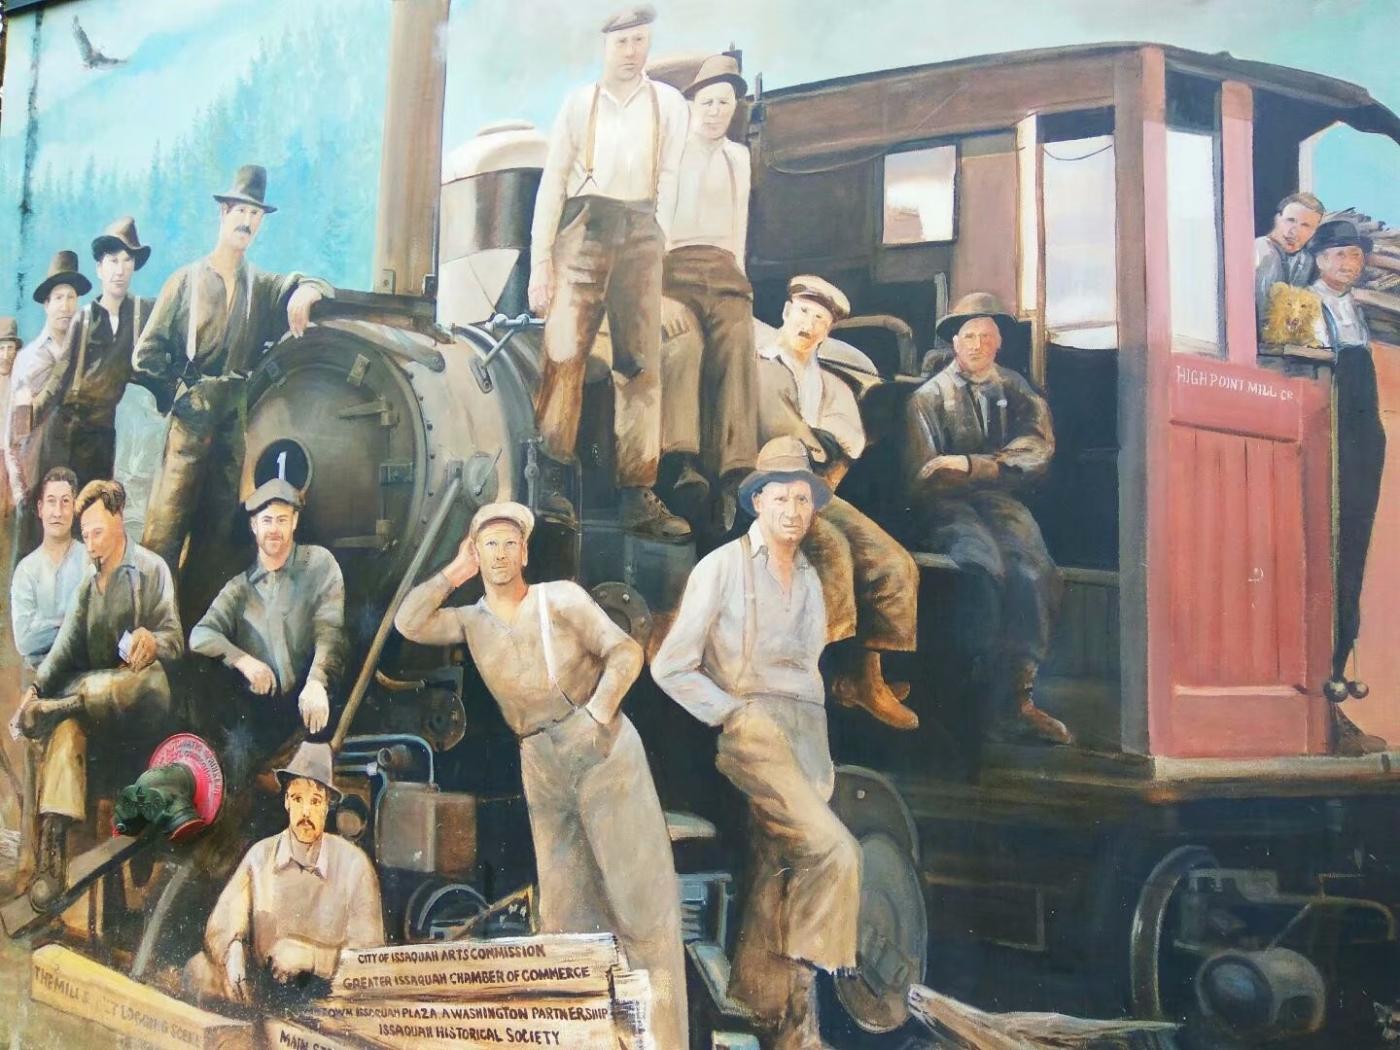 美国小镇街边壁画(图)_图1-4